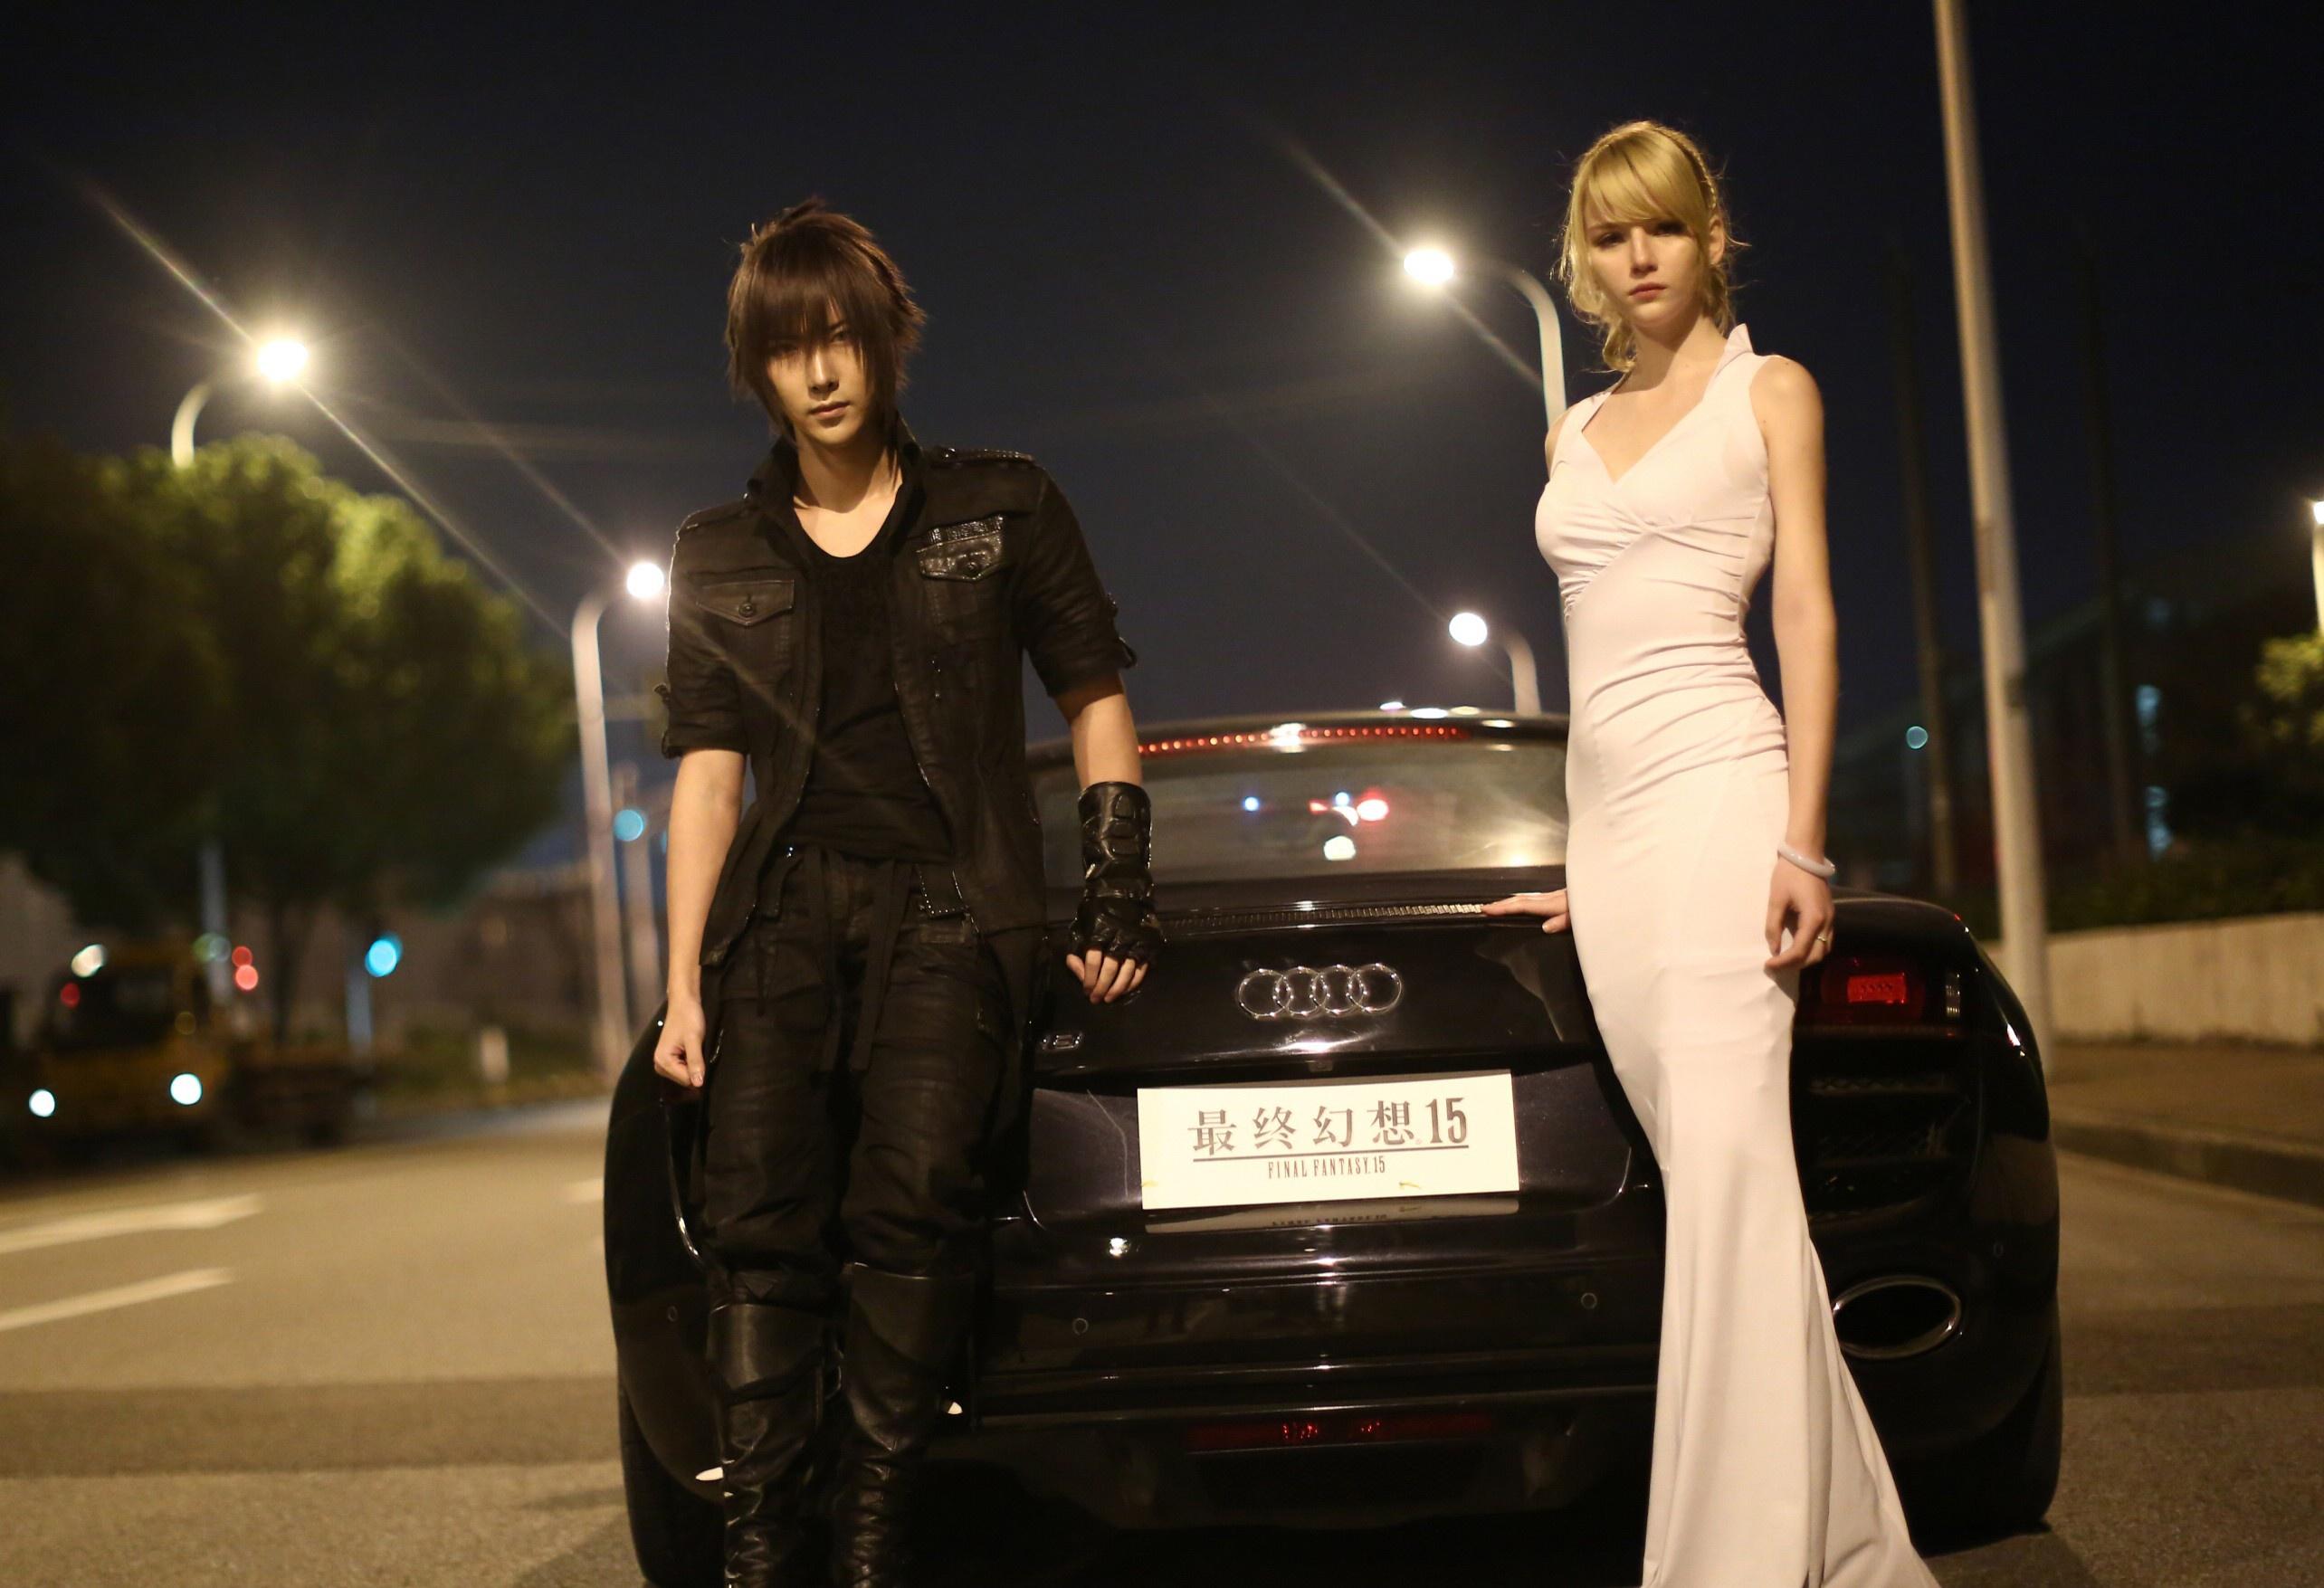 4k Noctis Lucis Caelum Final Fantasy Xv Hd Games 4k: Download Wallpaper Car, City, Lamborghini, Gallardo, Game